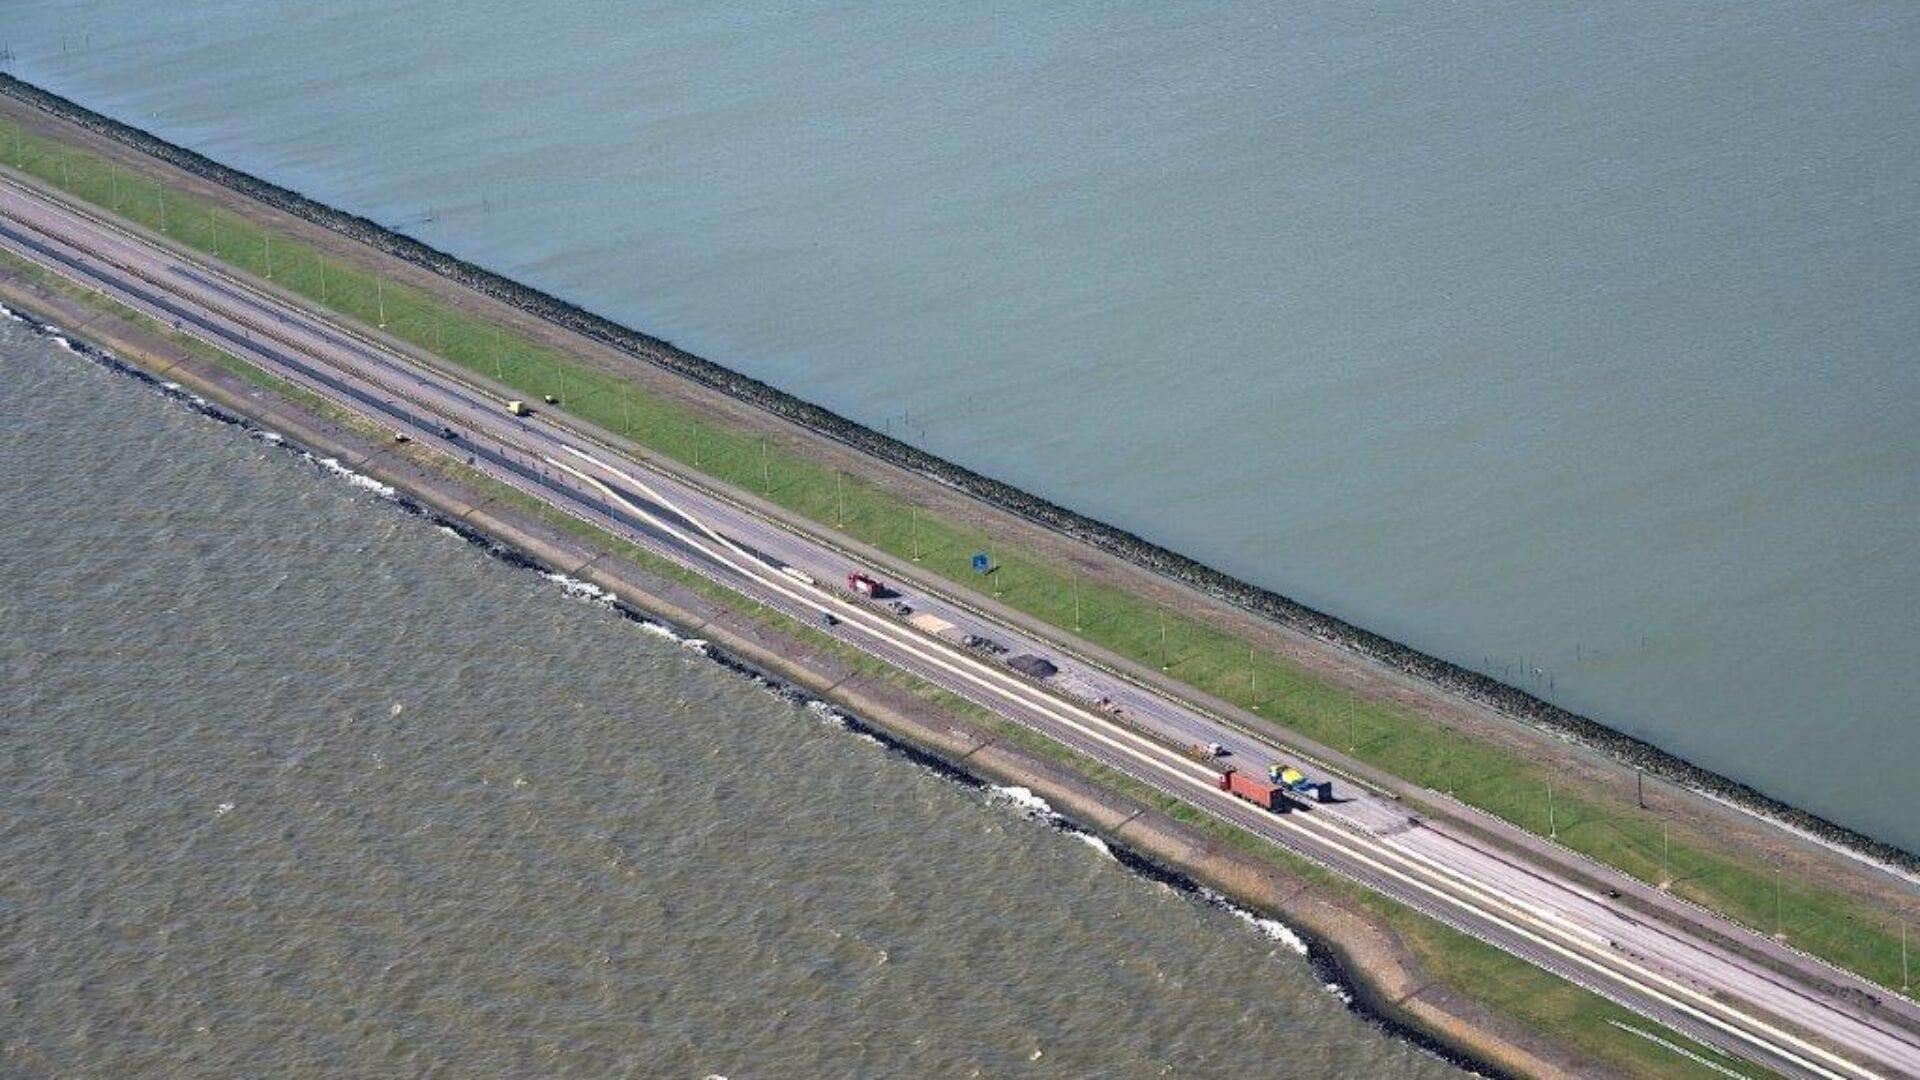 Luchtfoto van de weg bij de Afsluitdijk. Wij kijken van boven op de weg. Die loopt van linksboven naar rechtsonder. Deze wordt omringt door water. In het midden van de weg zie je een snelweg met auto's.